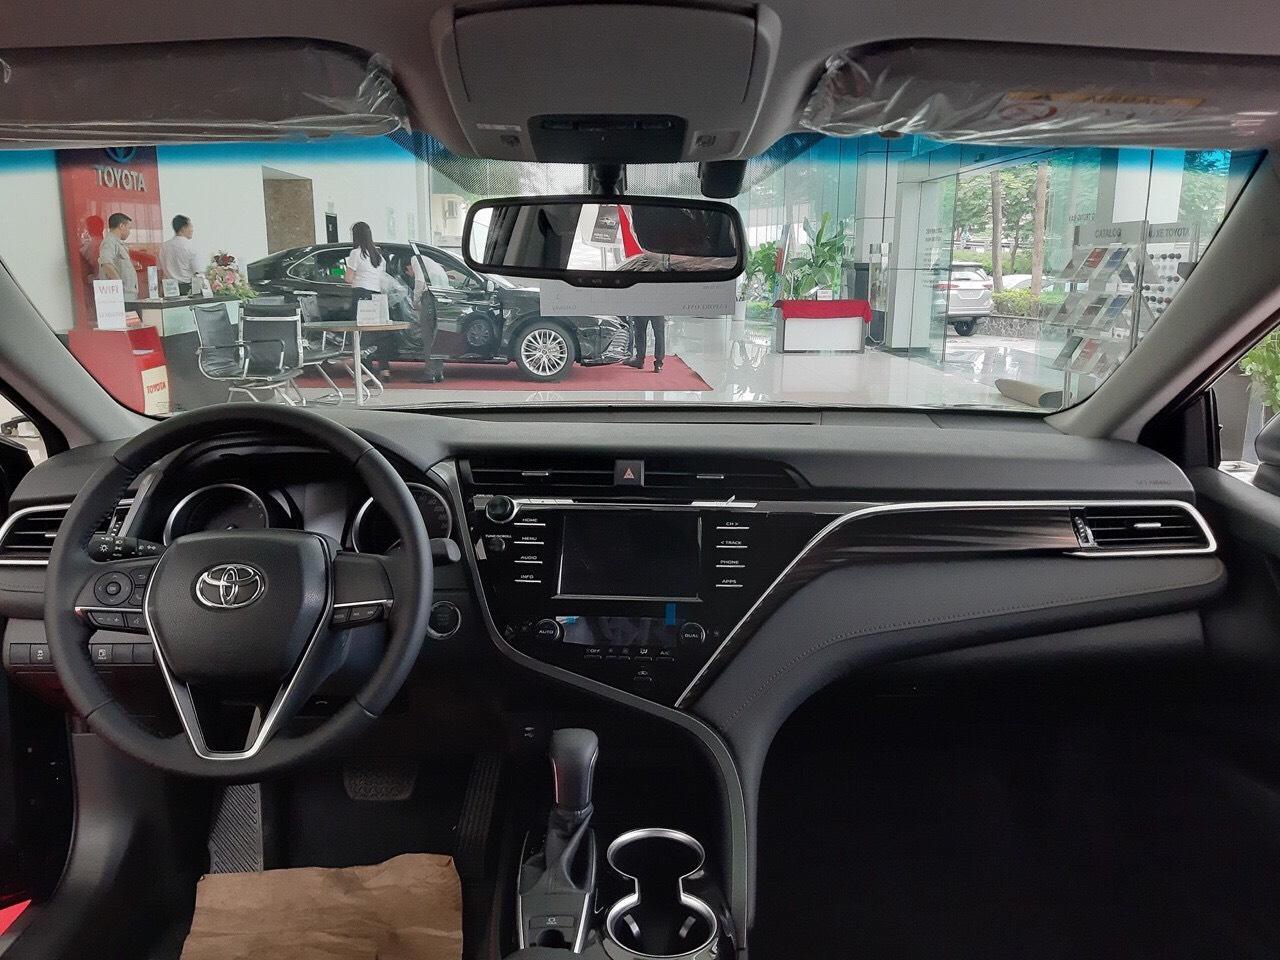 Toyota Camry 2.5Q ảnh 8 - Camry 2.5Q [hienthinam]: giá xe và khuyến mãi tháng [hienthithang]